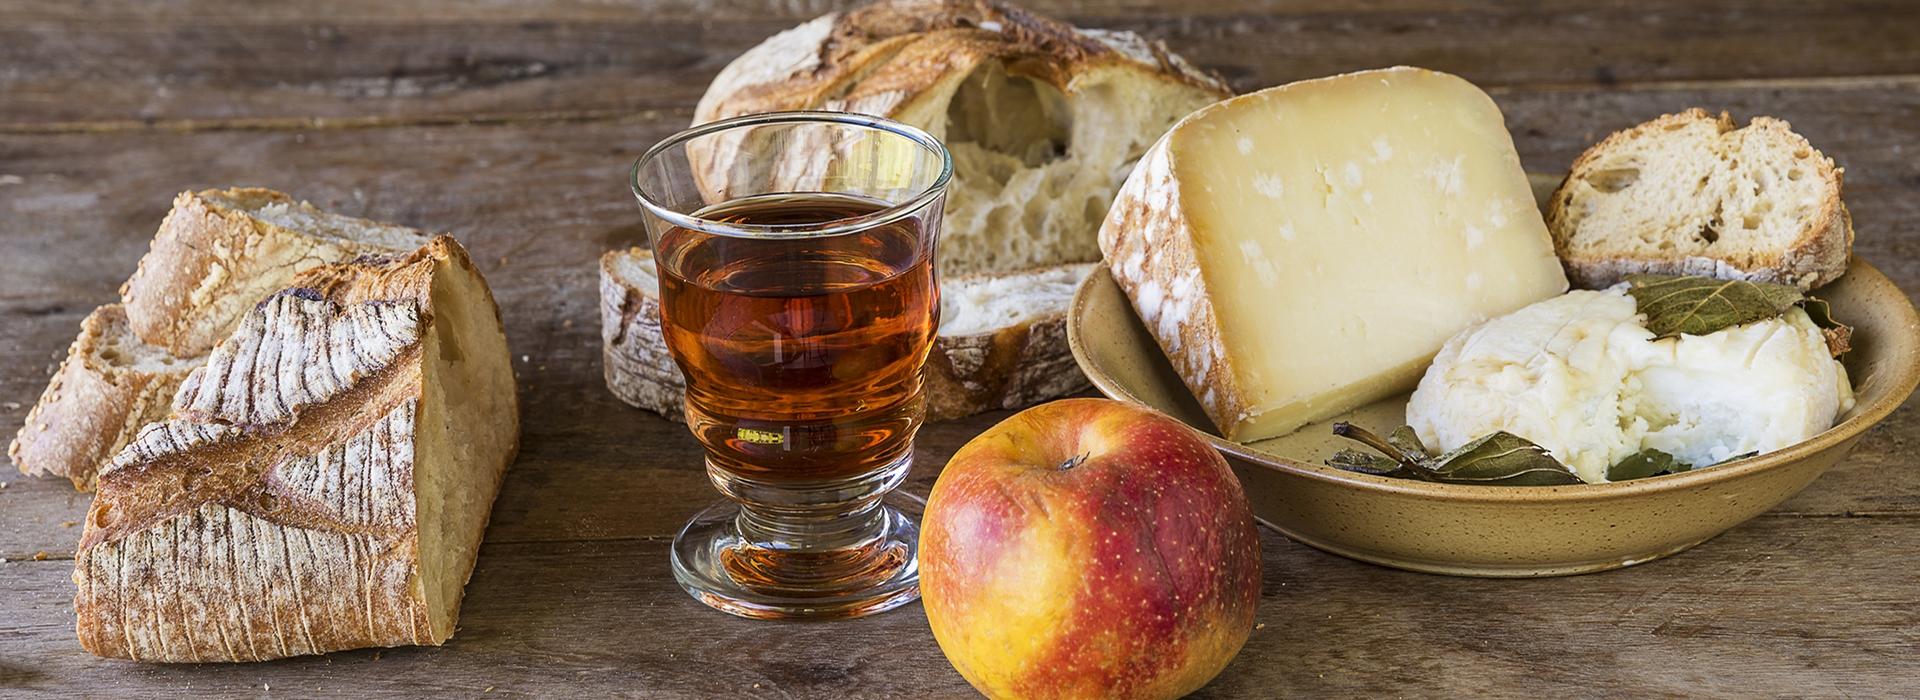 Atelier de dégustation de fromages à Paris